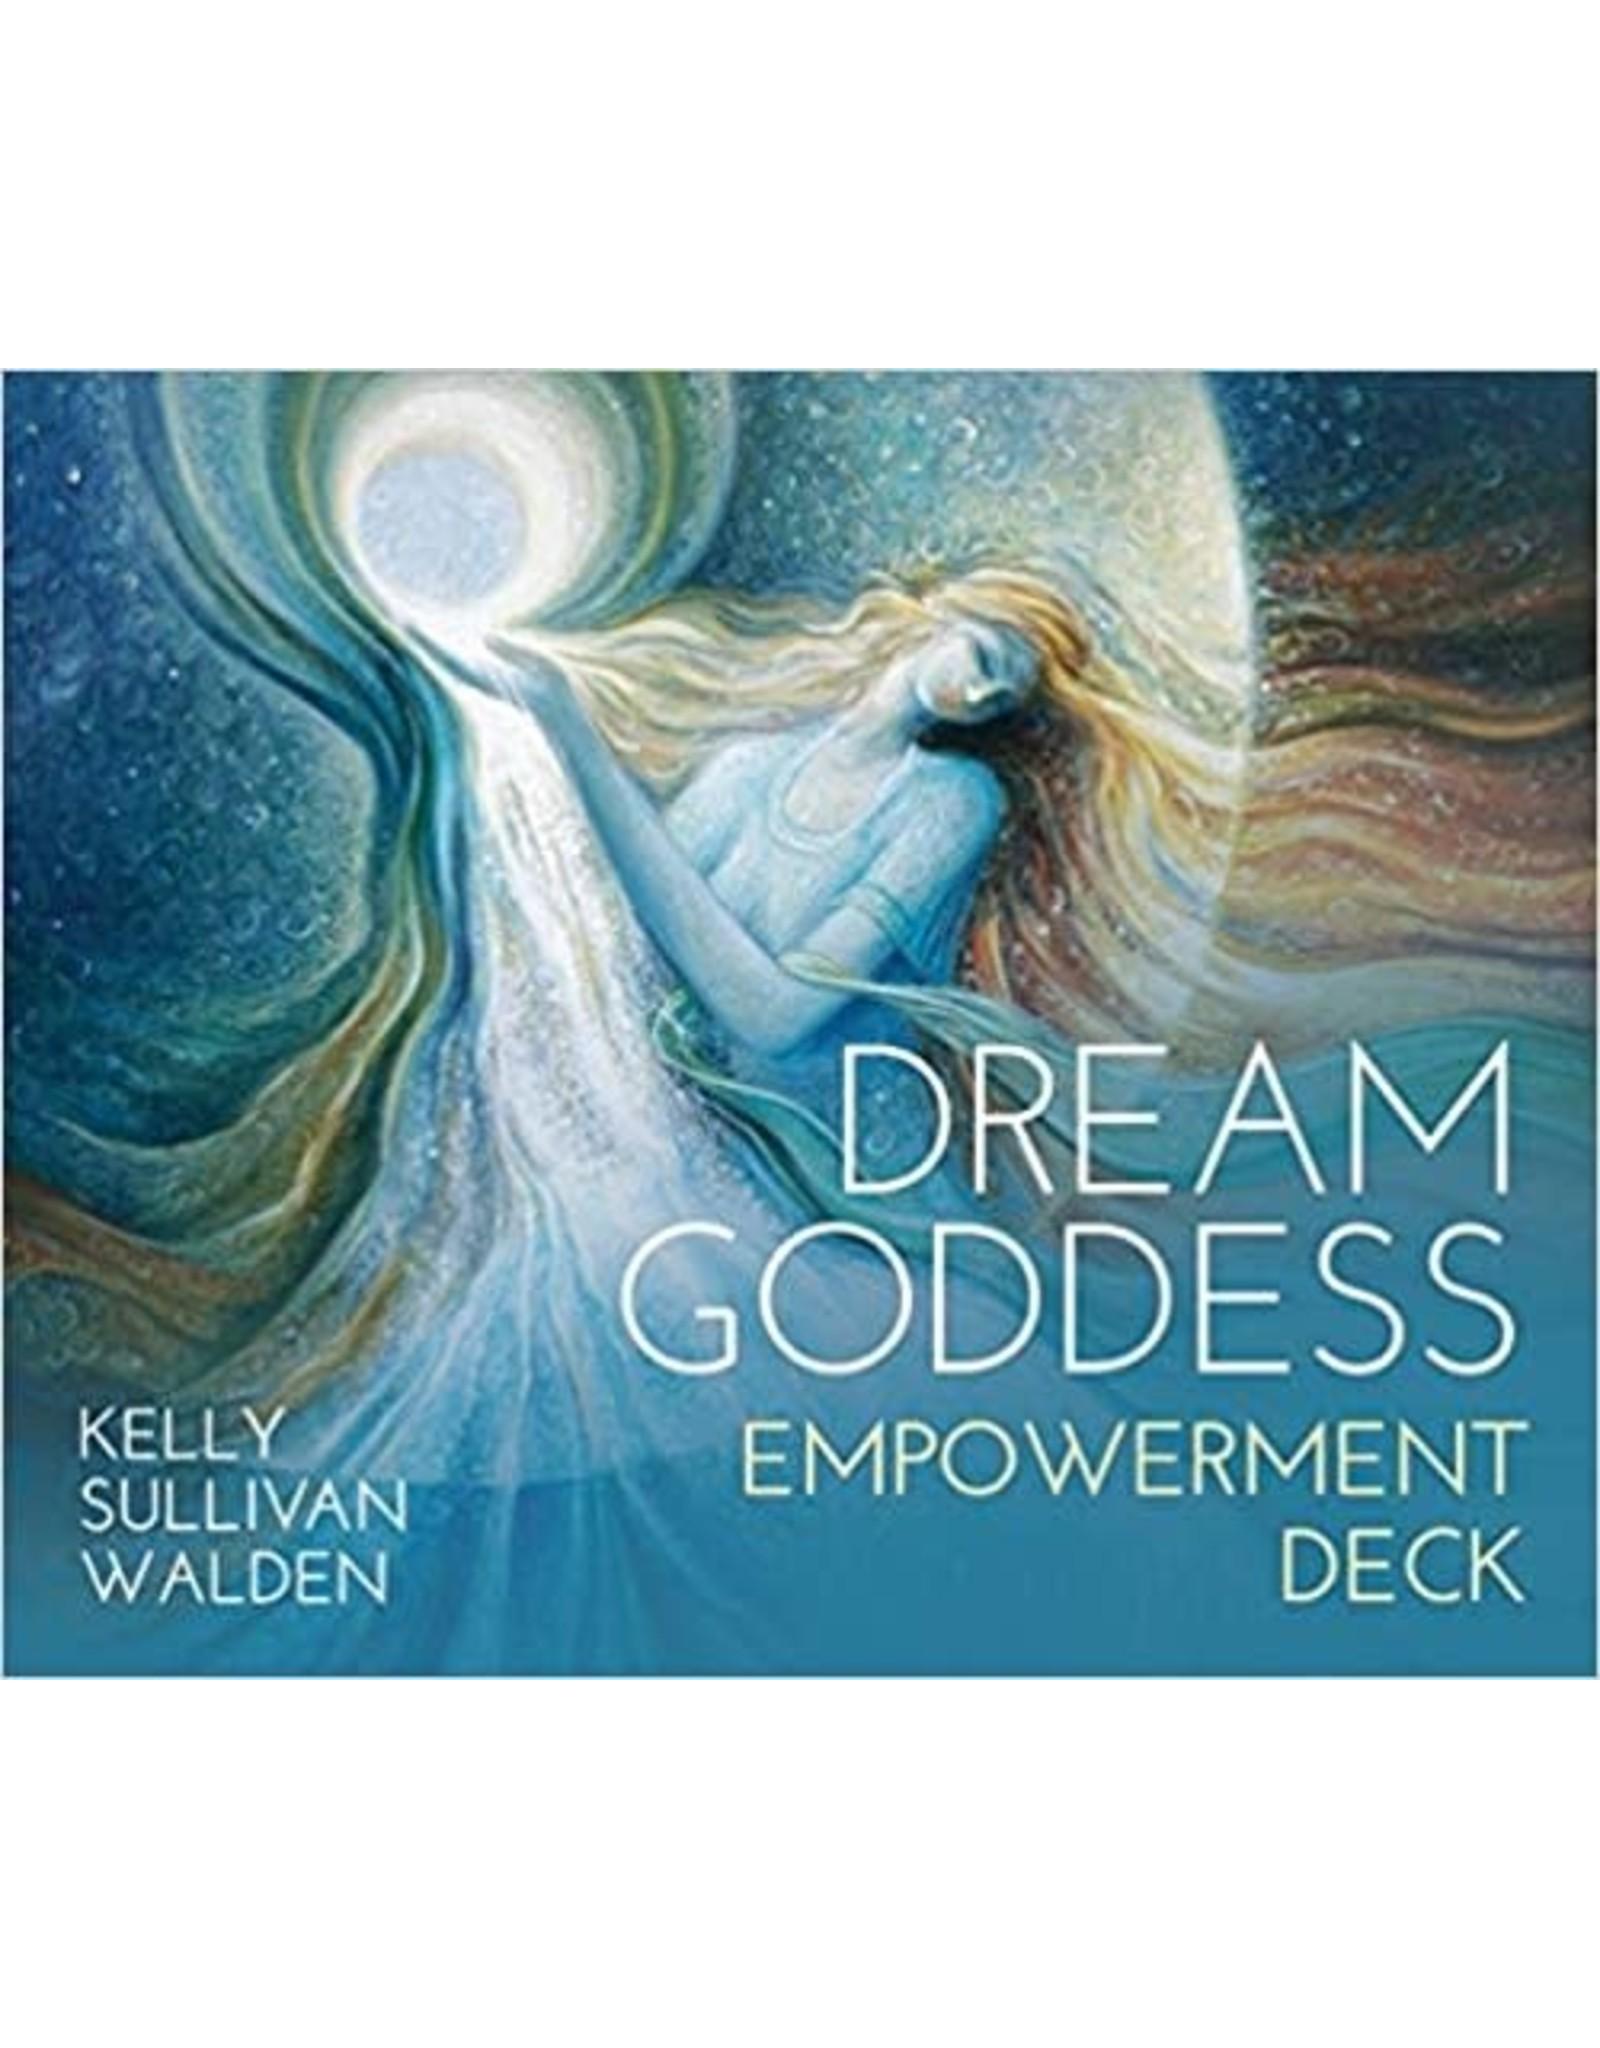 Dream Goddess Empowerment Deck